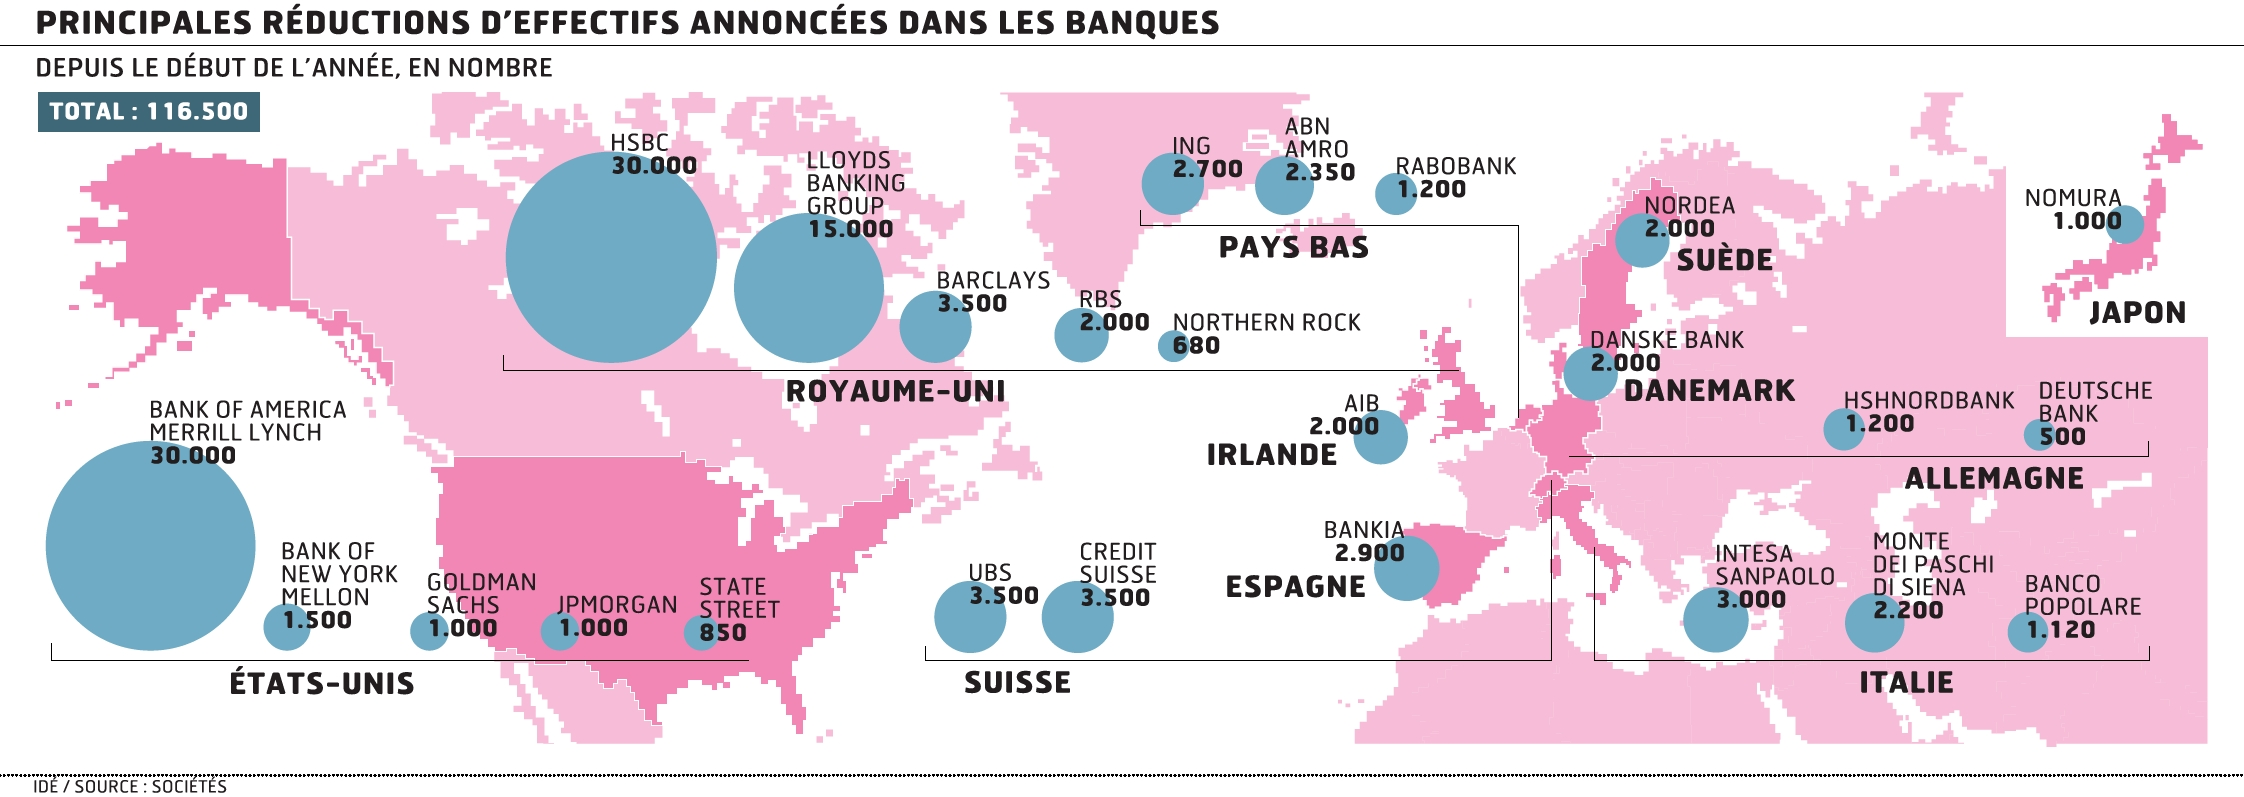 Dans Le Monde Les Banques Vont Supprimer 116 000 Postes